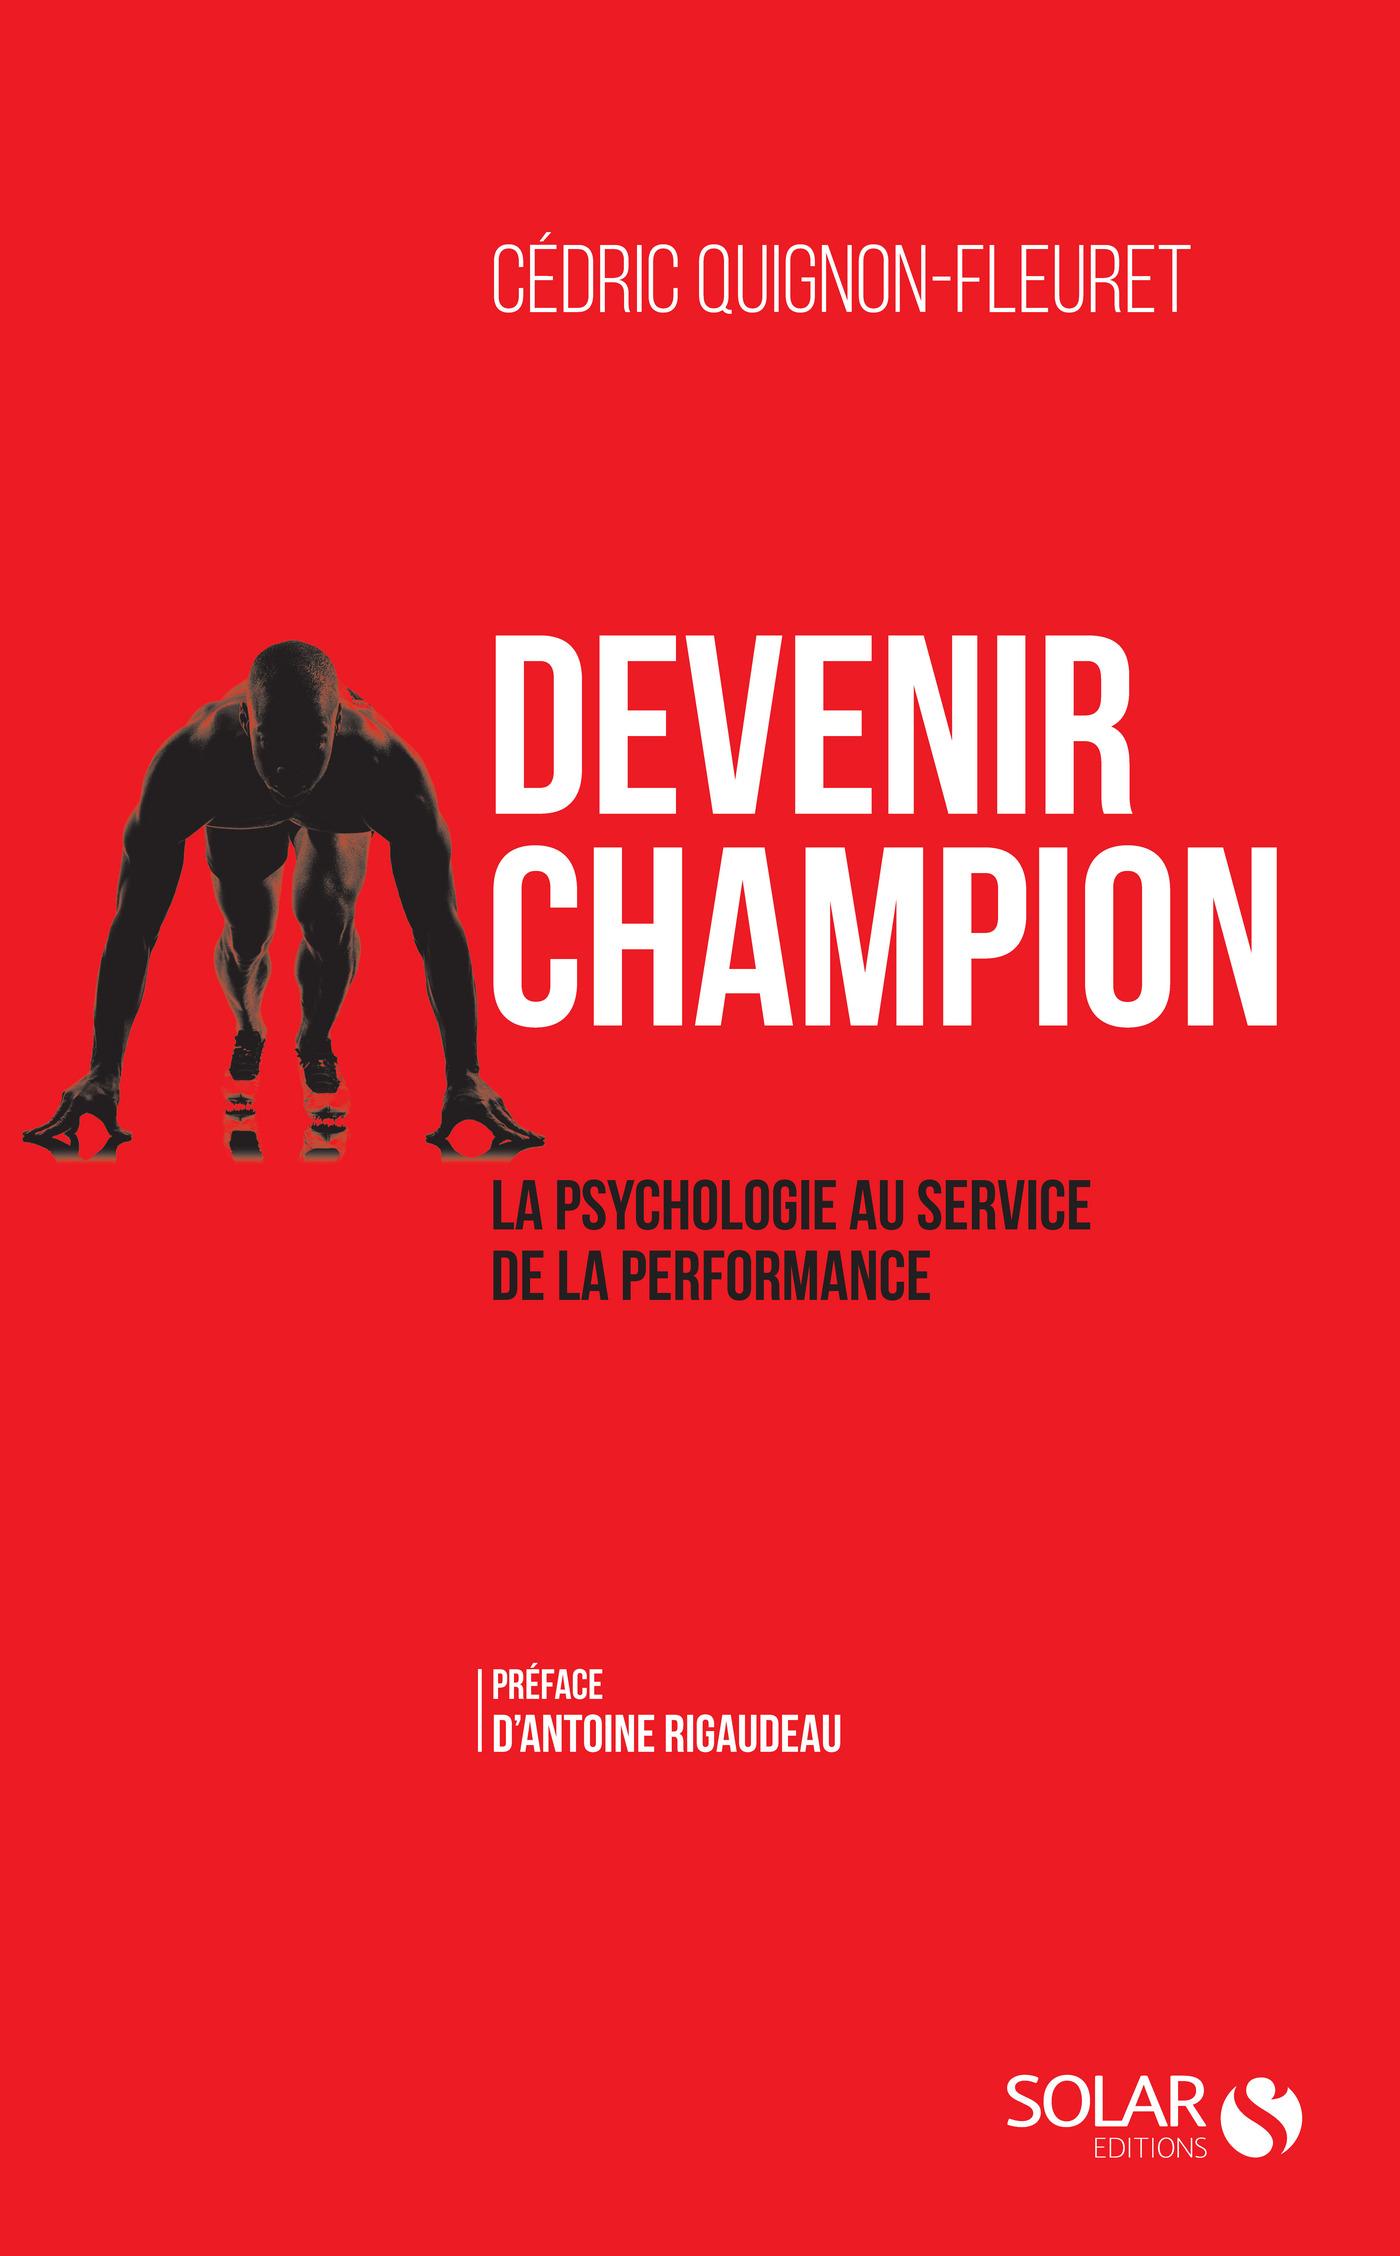 Devenir champion